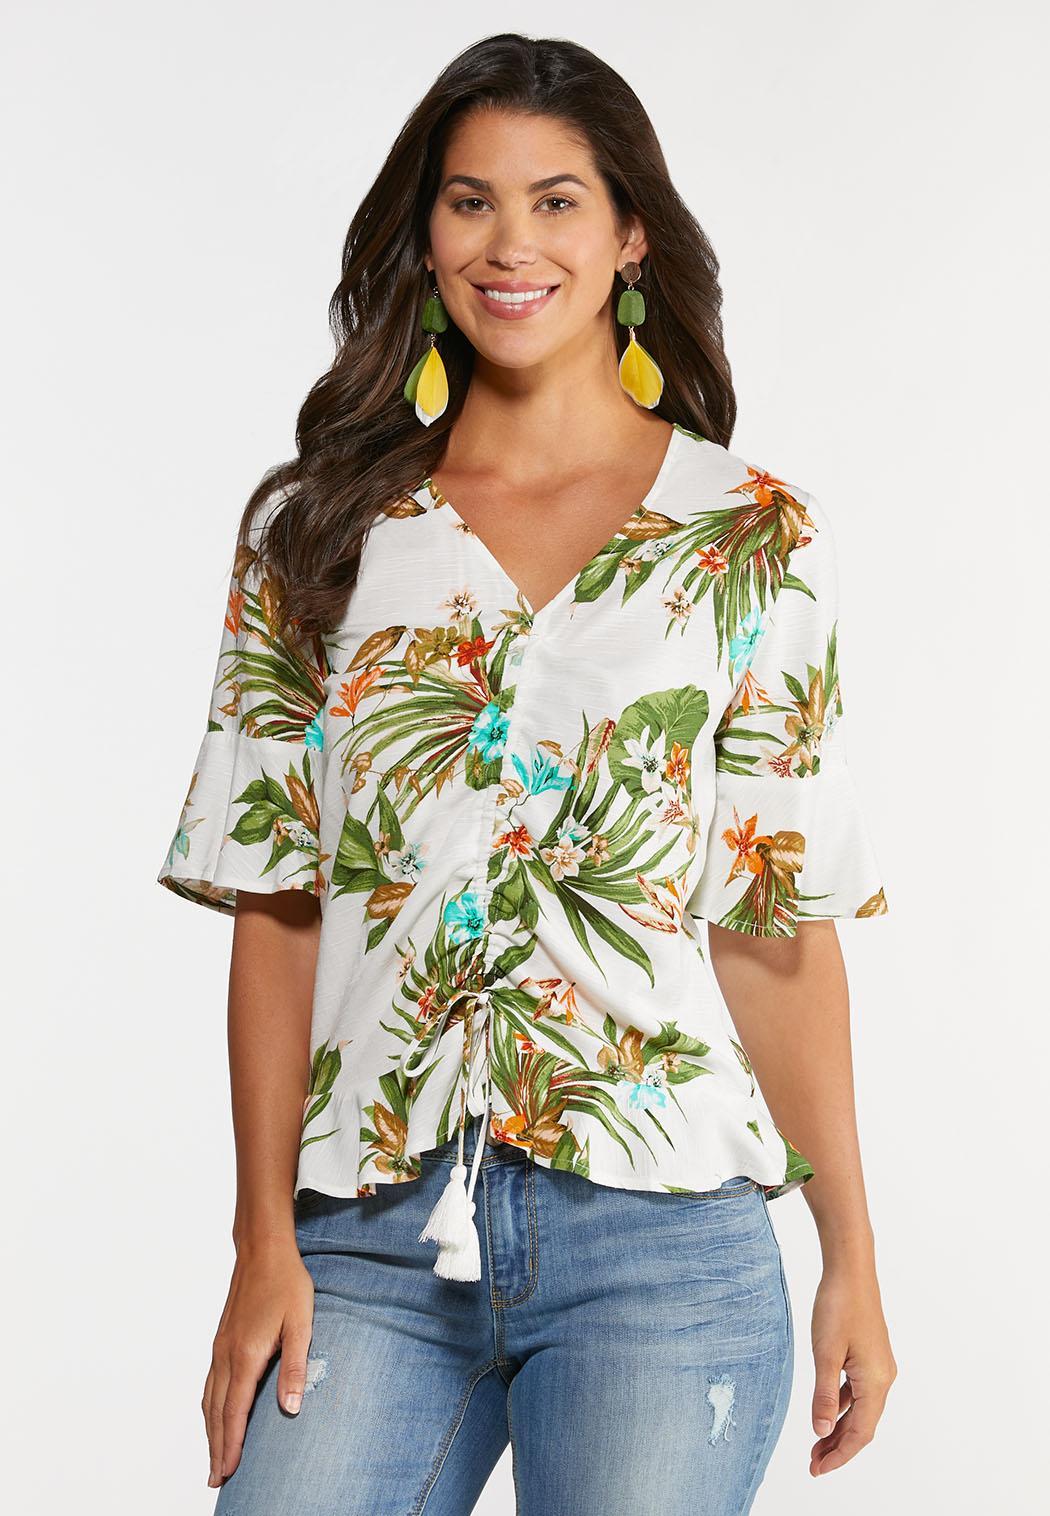 Paradise Palm Top